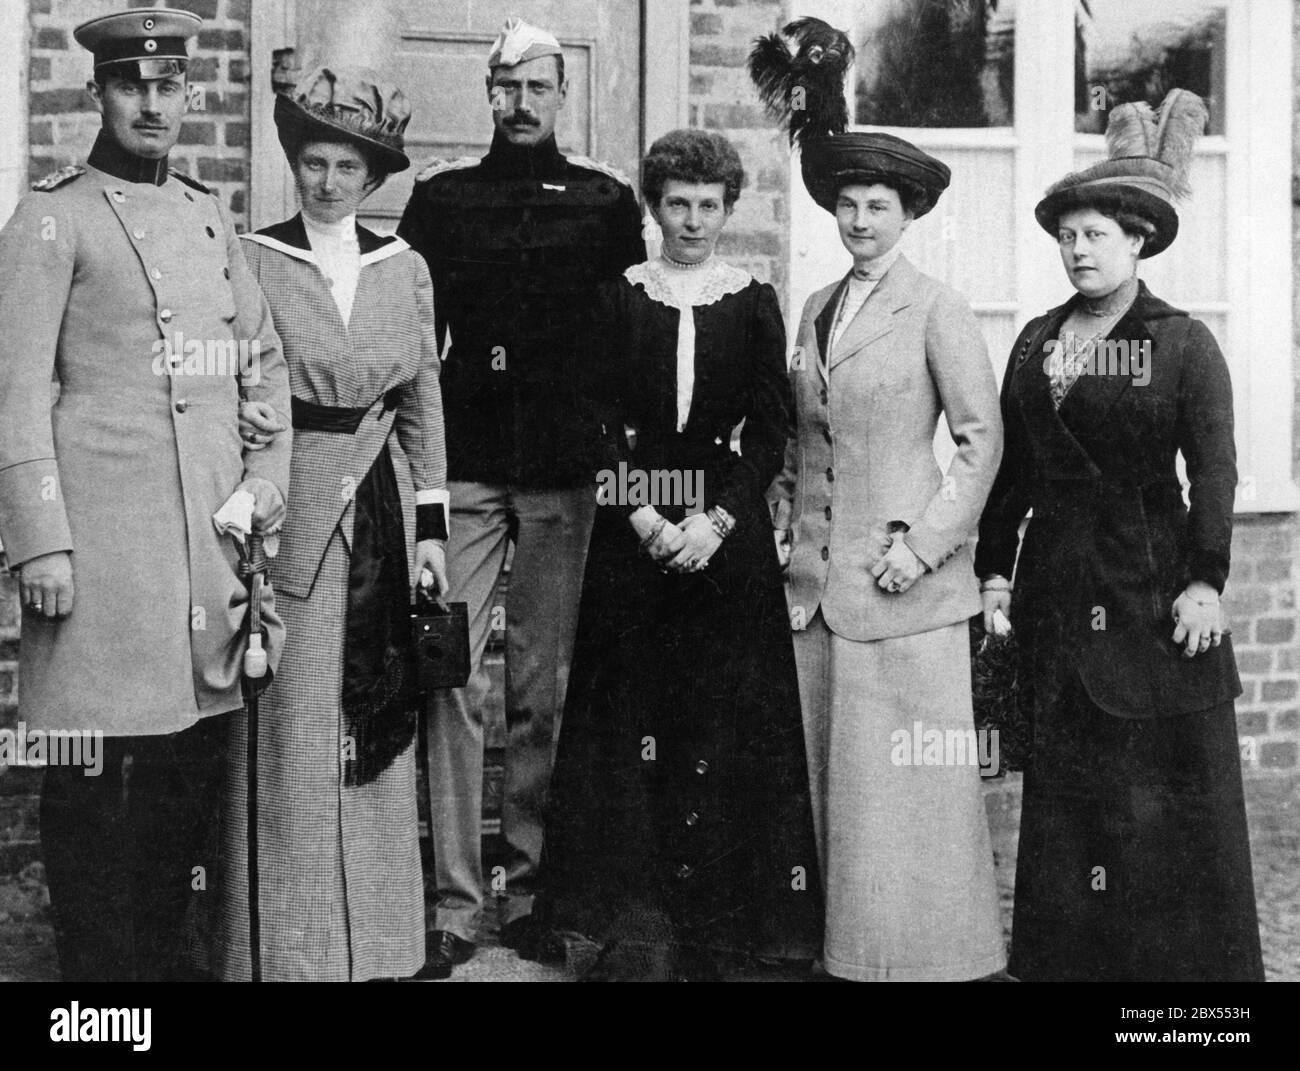 De gauche à droite : Frederick Francis IV, Grand-duc de Mecklembourg-Schwerin, sa sœur la Reine Alexandrine du Danemark, le roi chrétien du Danemark, la princesse Heinrich von Reuss et la duchesse Maria Antoinette. La dame de l'extrême droite est inconnue. Banque D'Images